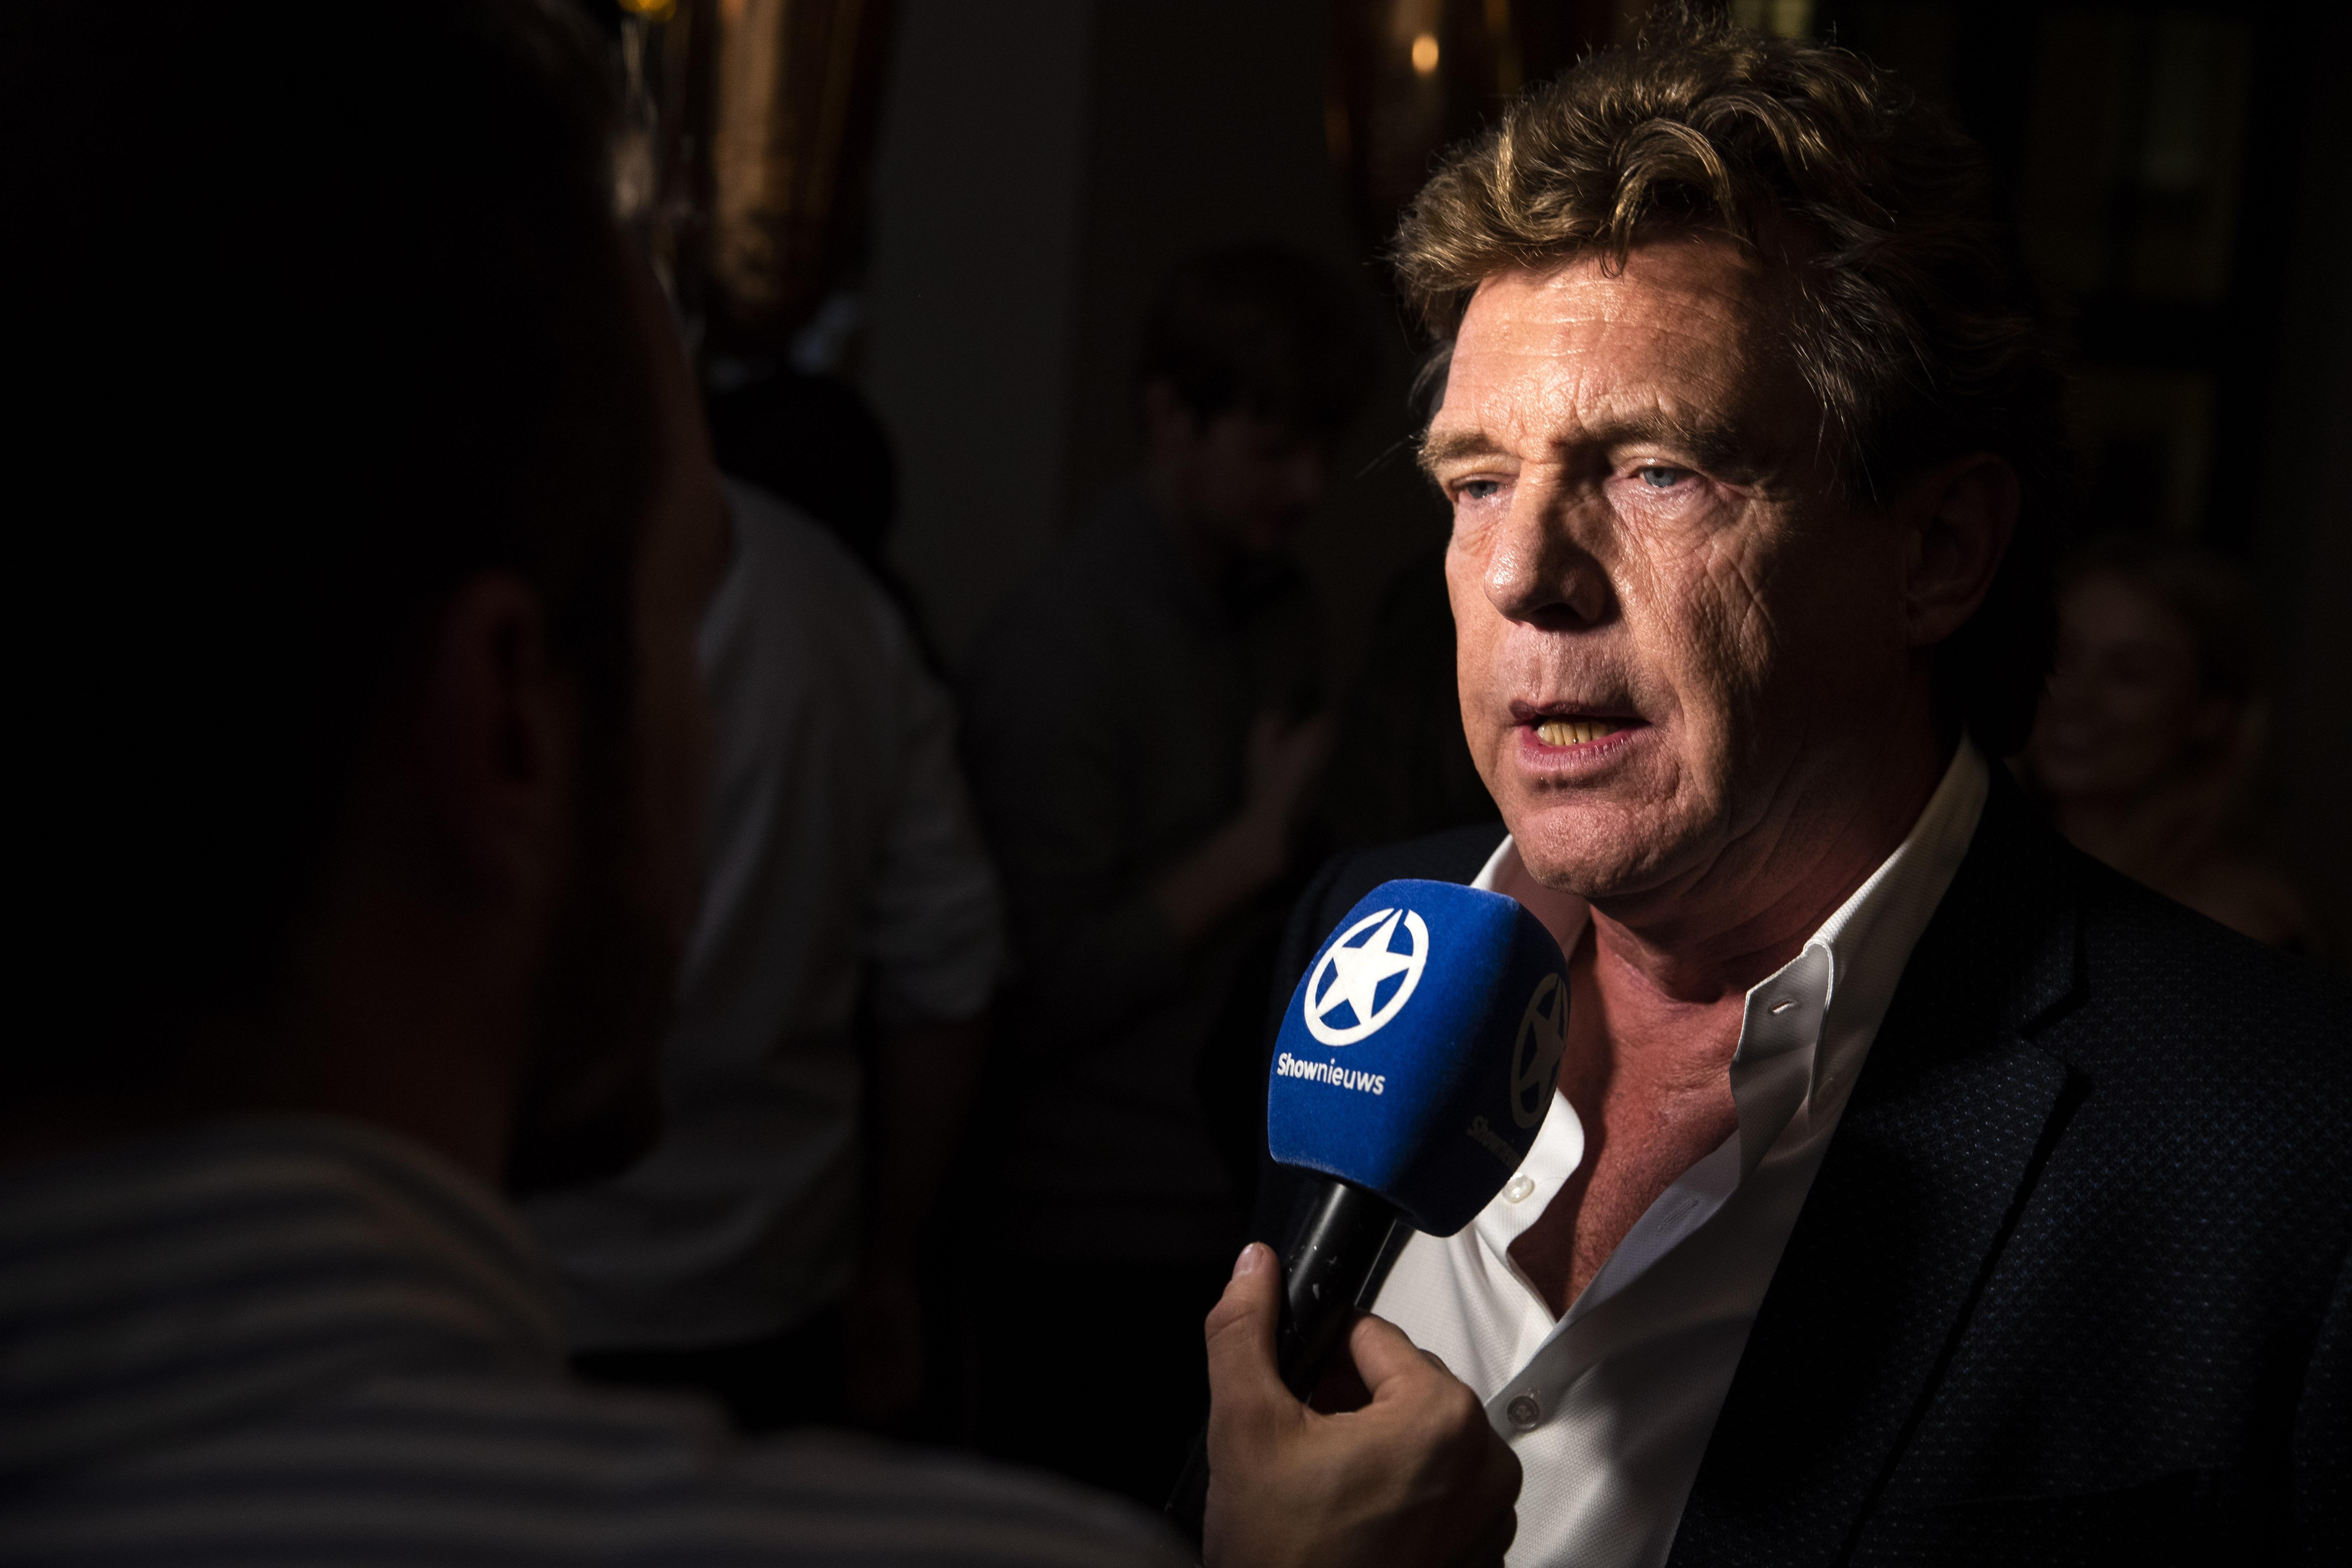 Talpa TV presteert in 2018 beter dan RTL